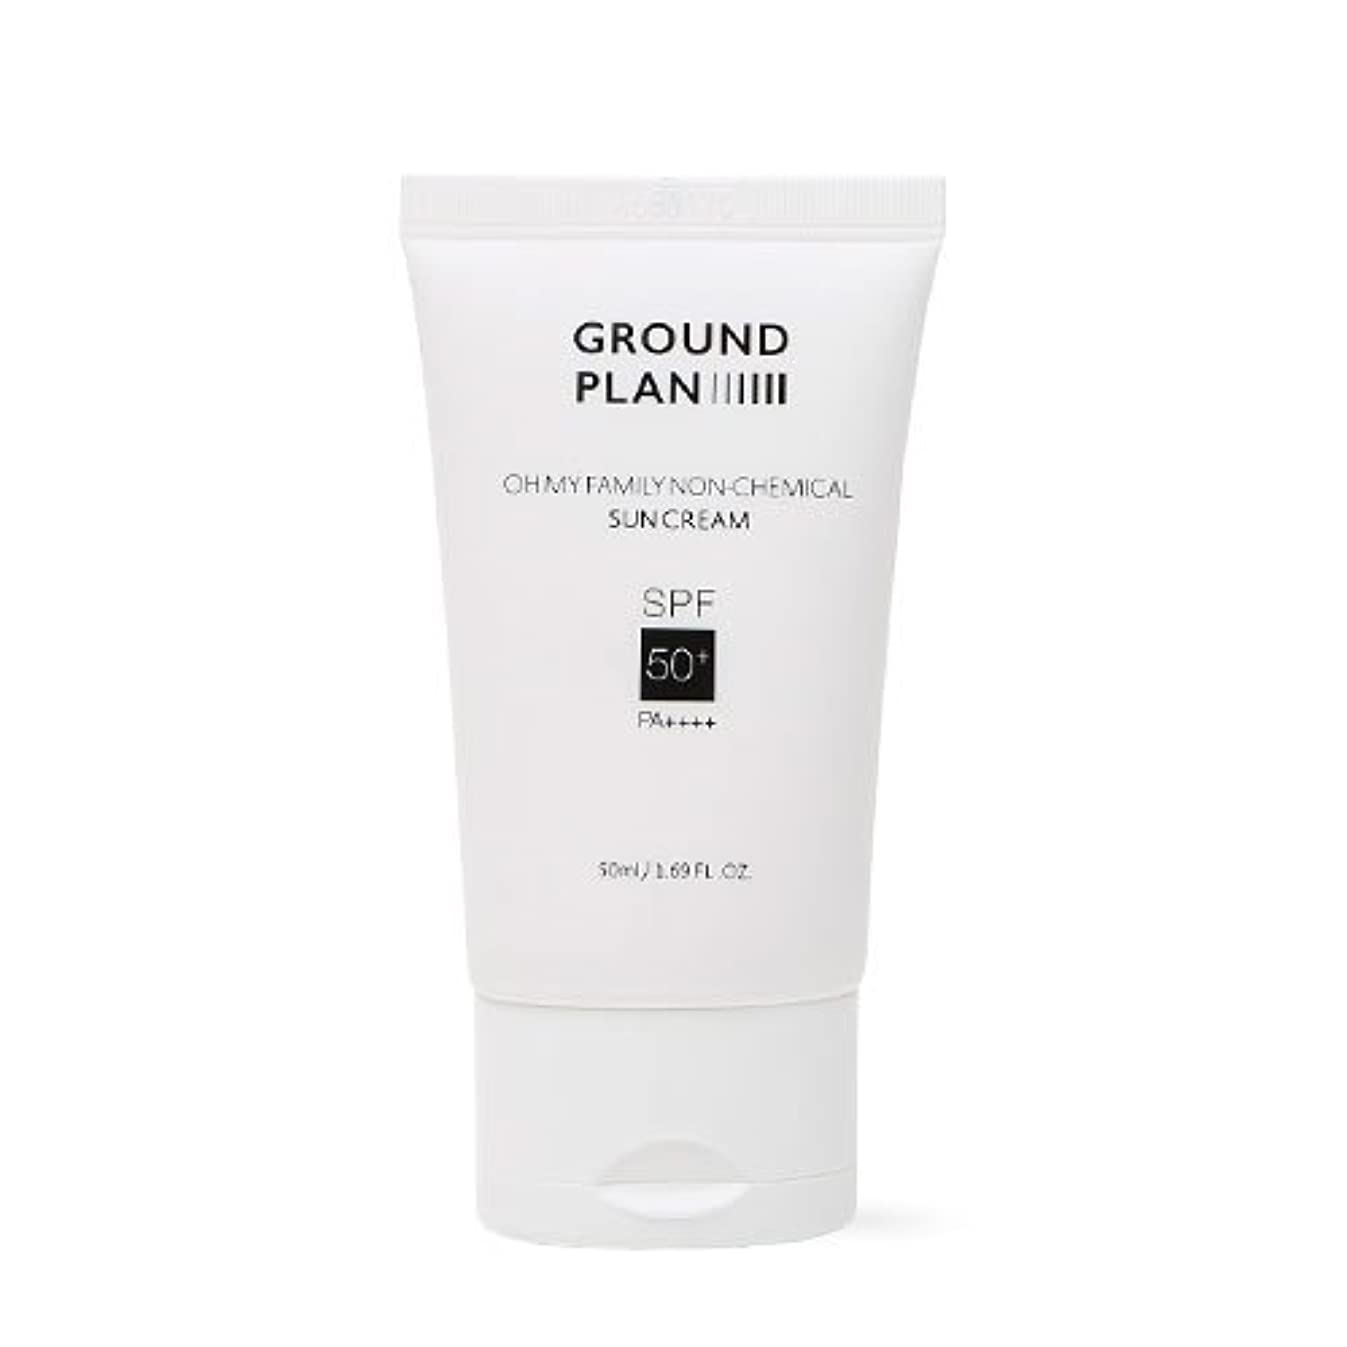 スポーツどれアセ[GROUND PLAN] Oh My Family Non-Chemical Sun Cream 50ml グラウンドプランファミリーノンケミカルサンクリーム [並行輸入品]